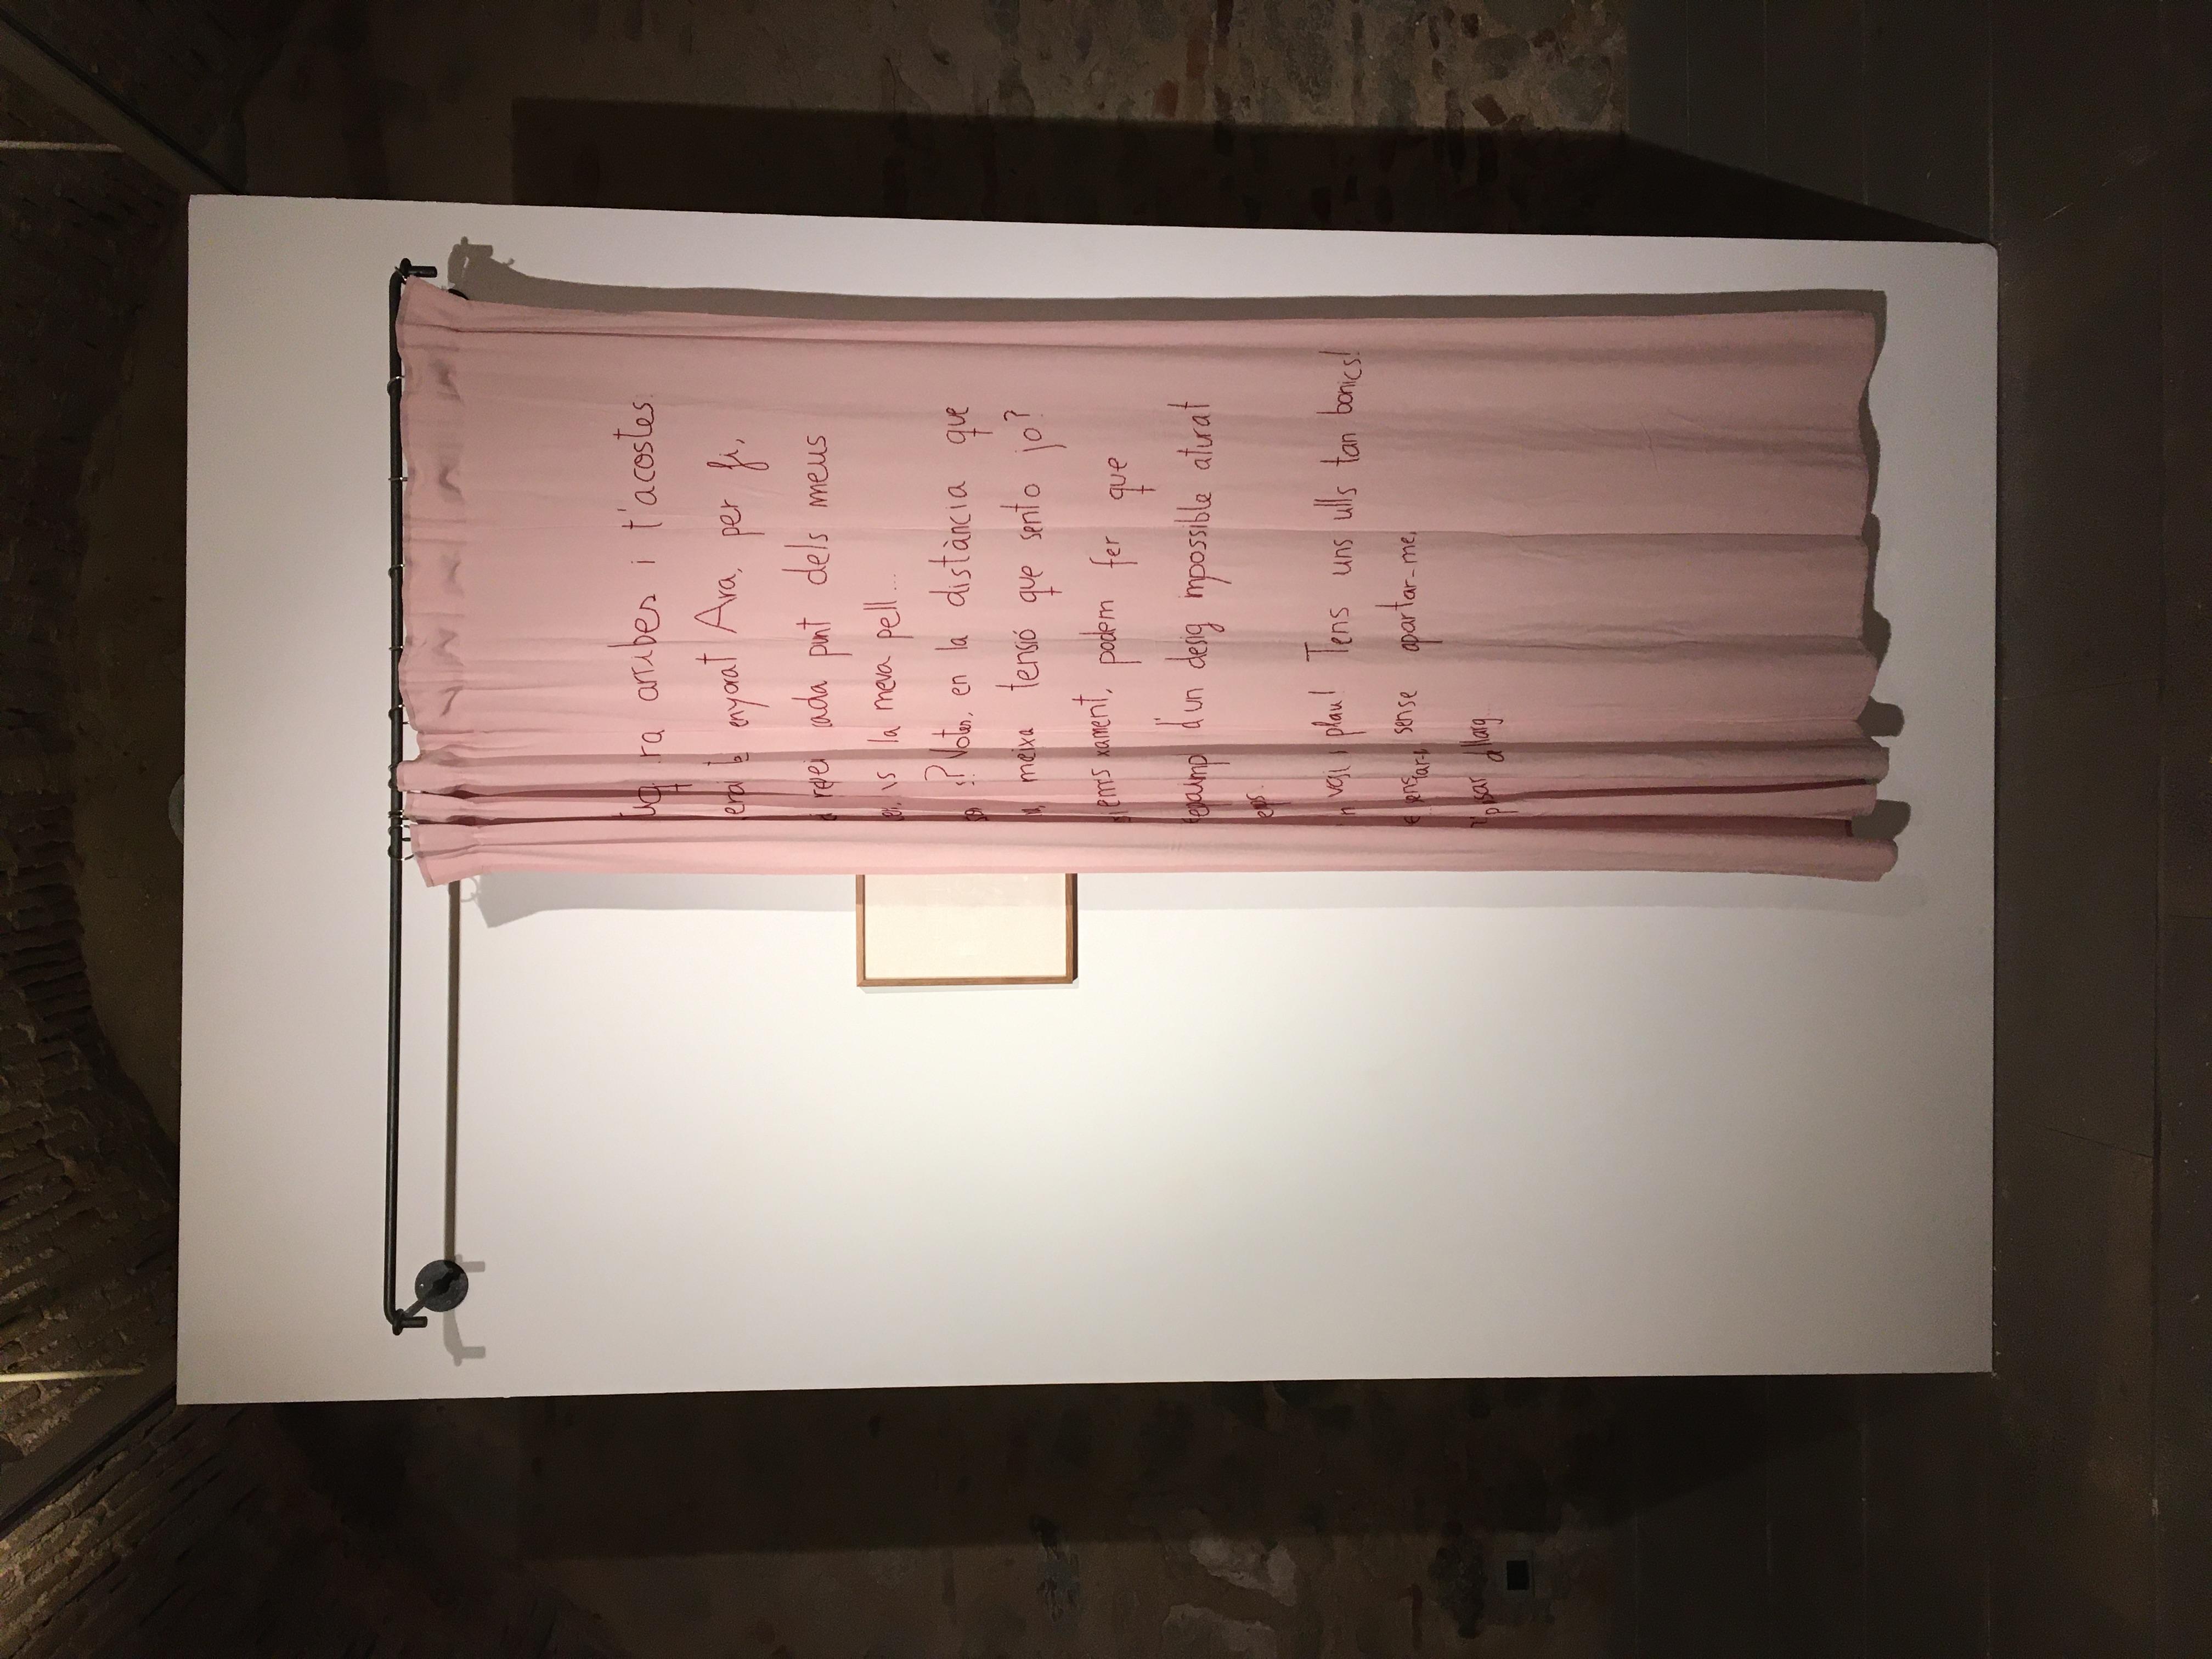 Amants que es descobreixen 2 amb obra de Julia Gorostidi - Anna Dot